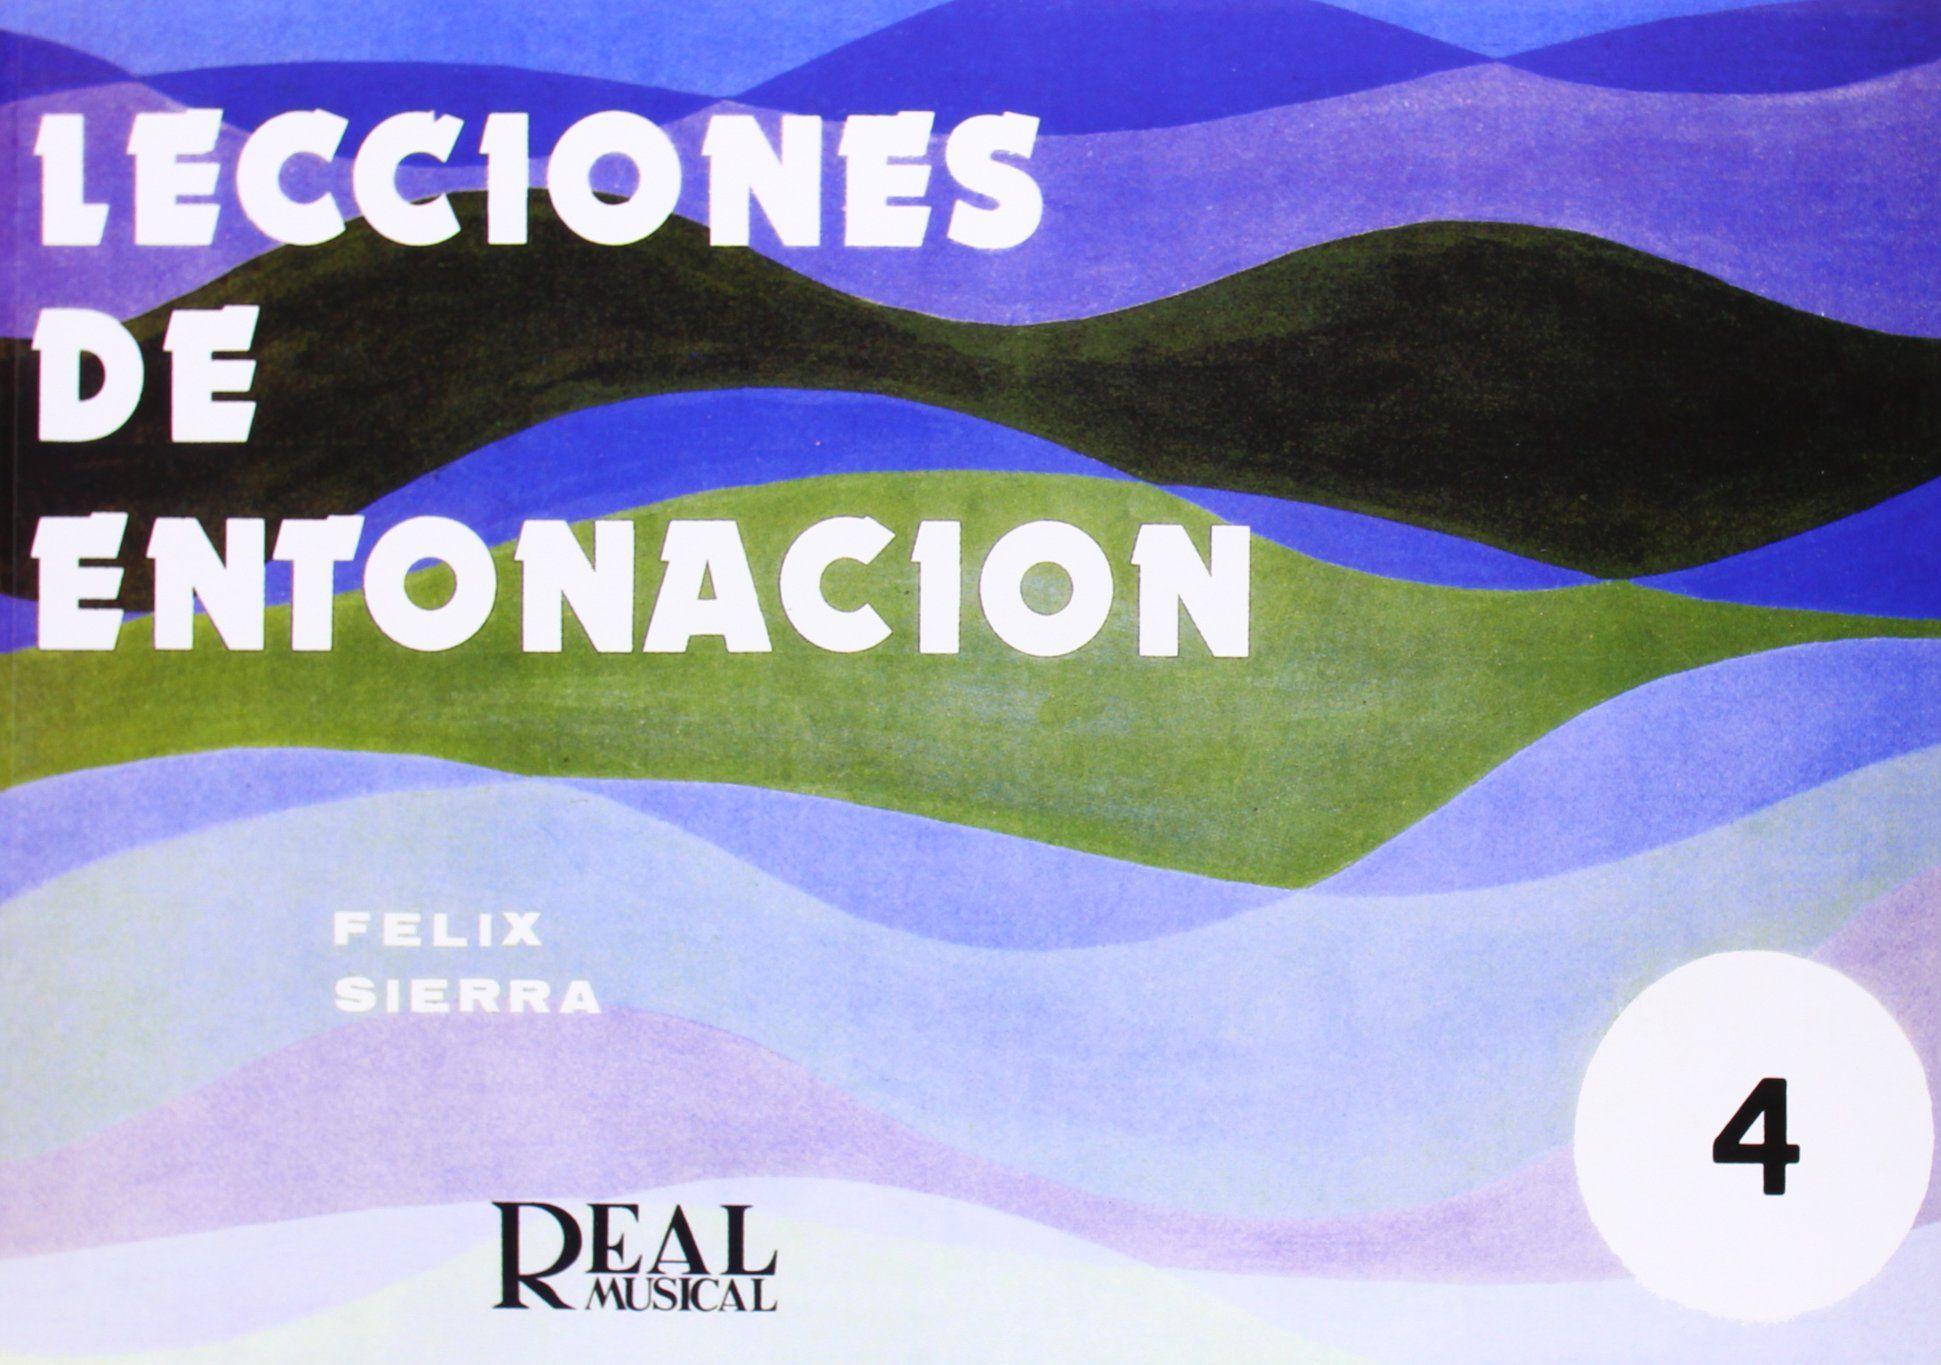 LECCIONES DE ENTONACION 4 REAL MUSICAL